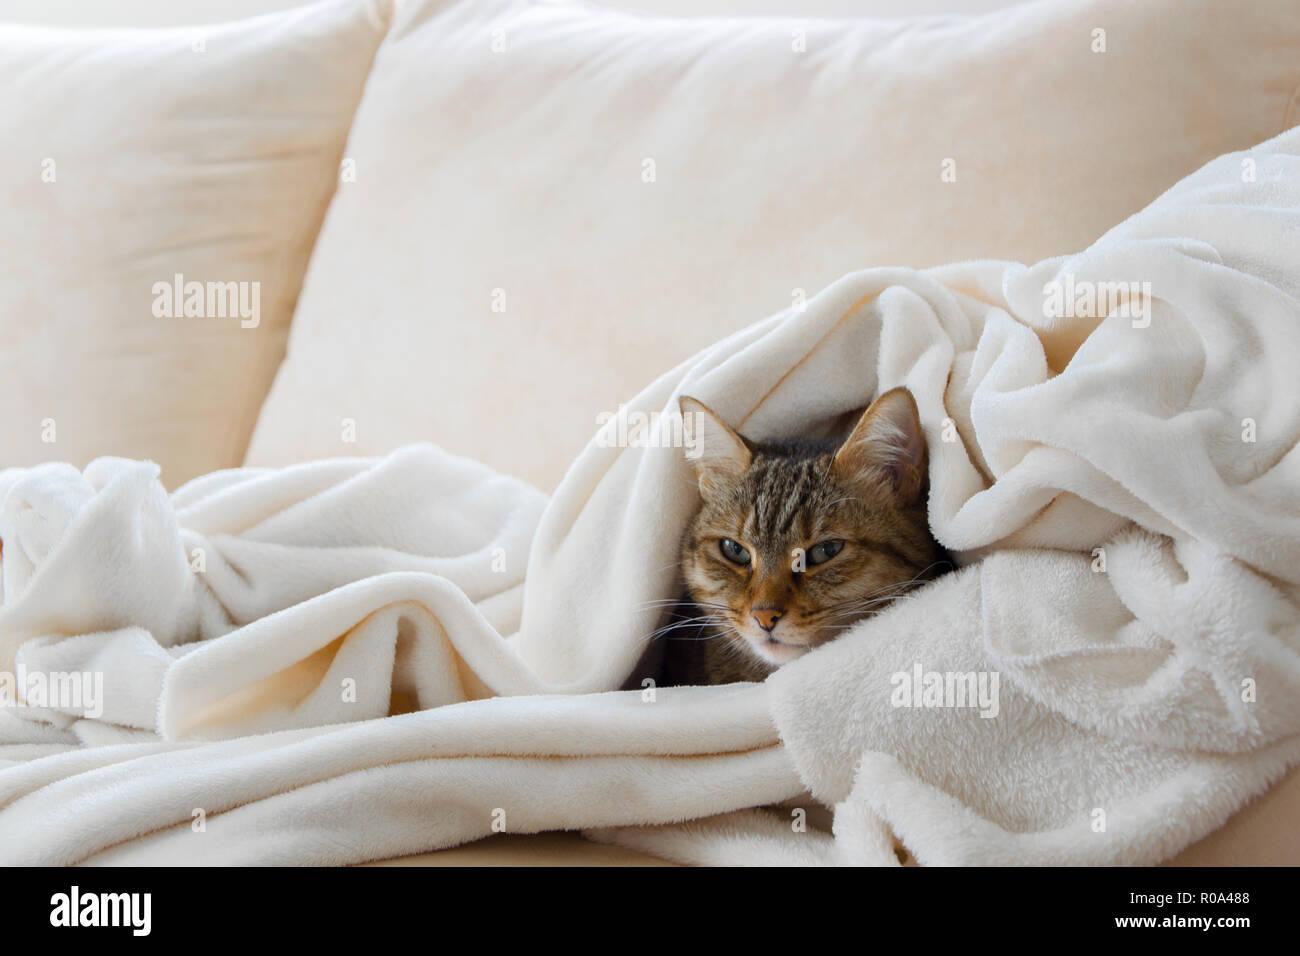 Schöne europäische Katze ist Entspannung in der weiche, weiße Decke auf einem Sofa Stockbild